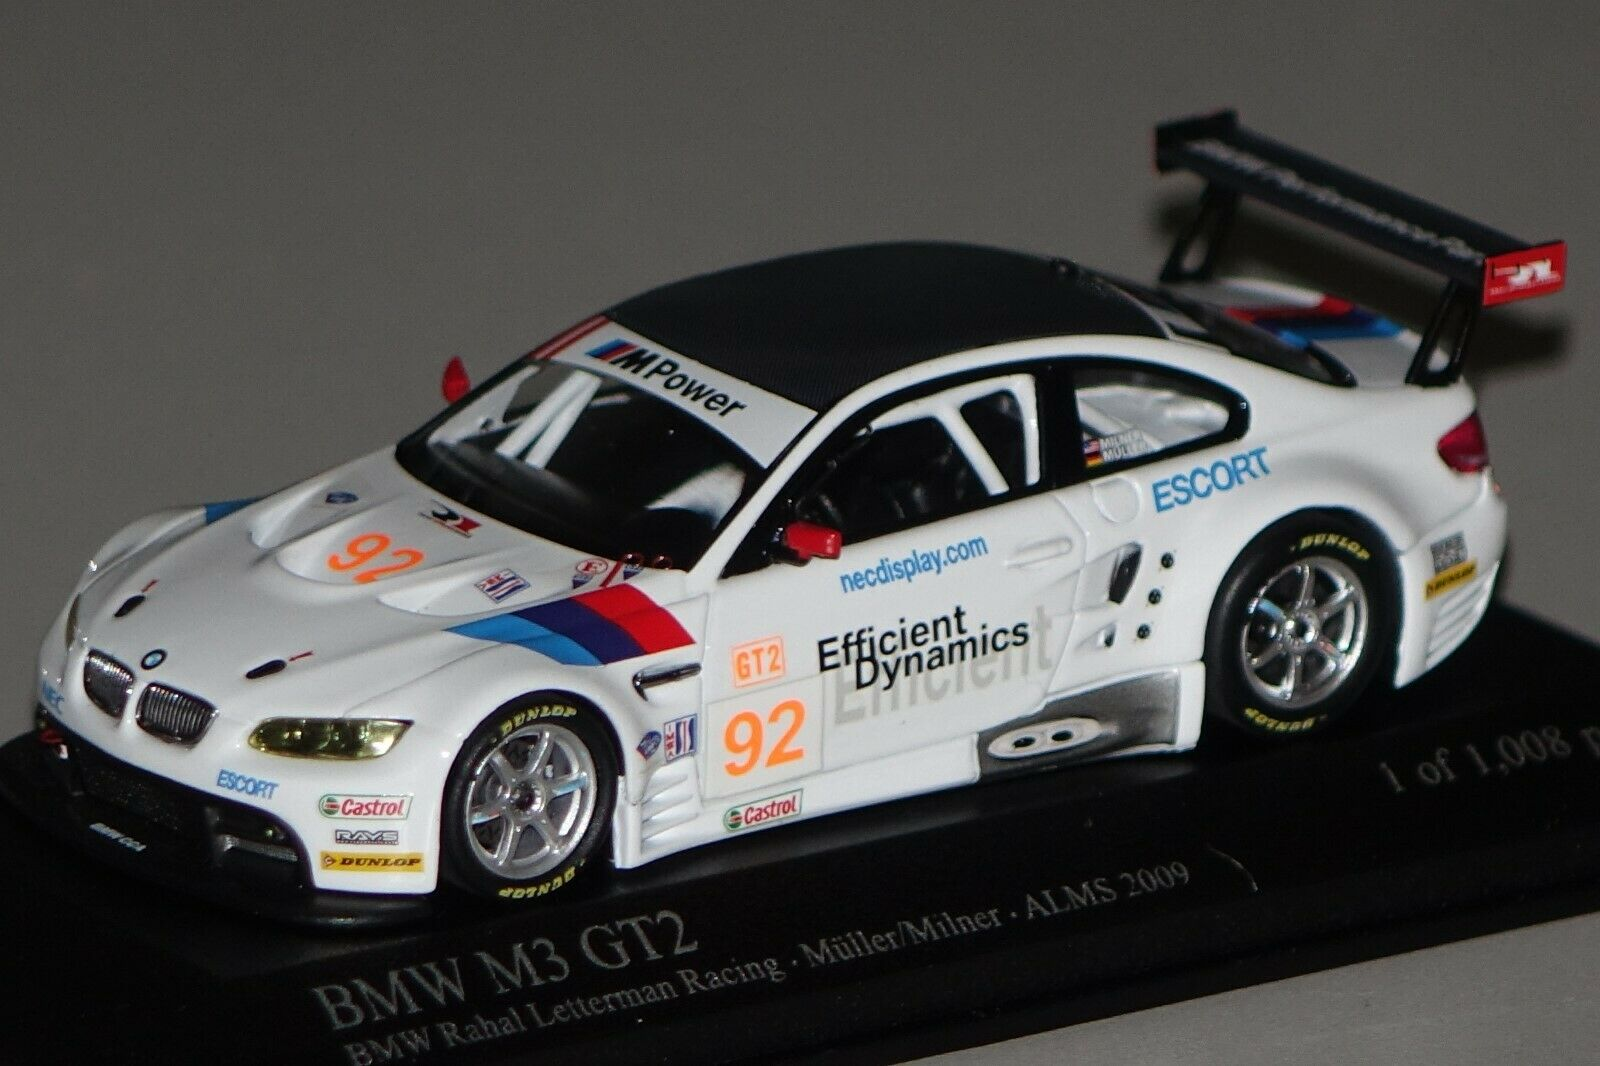 BMW m3 gt2 (e92) AMS 2009  92 1 43 MINICHAMPS 400092992 NOUVEAU & NEUF dans sa boîte